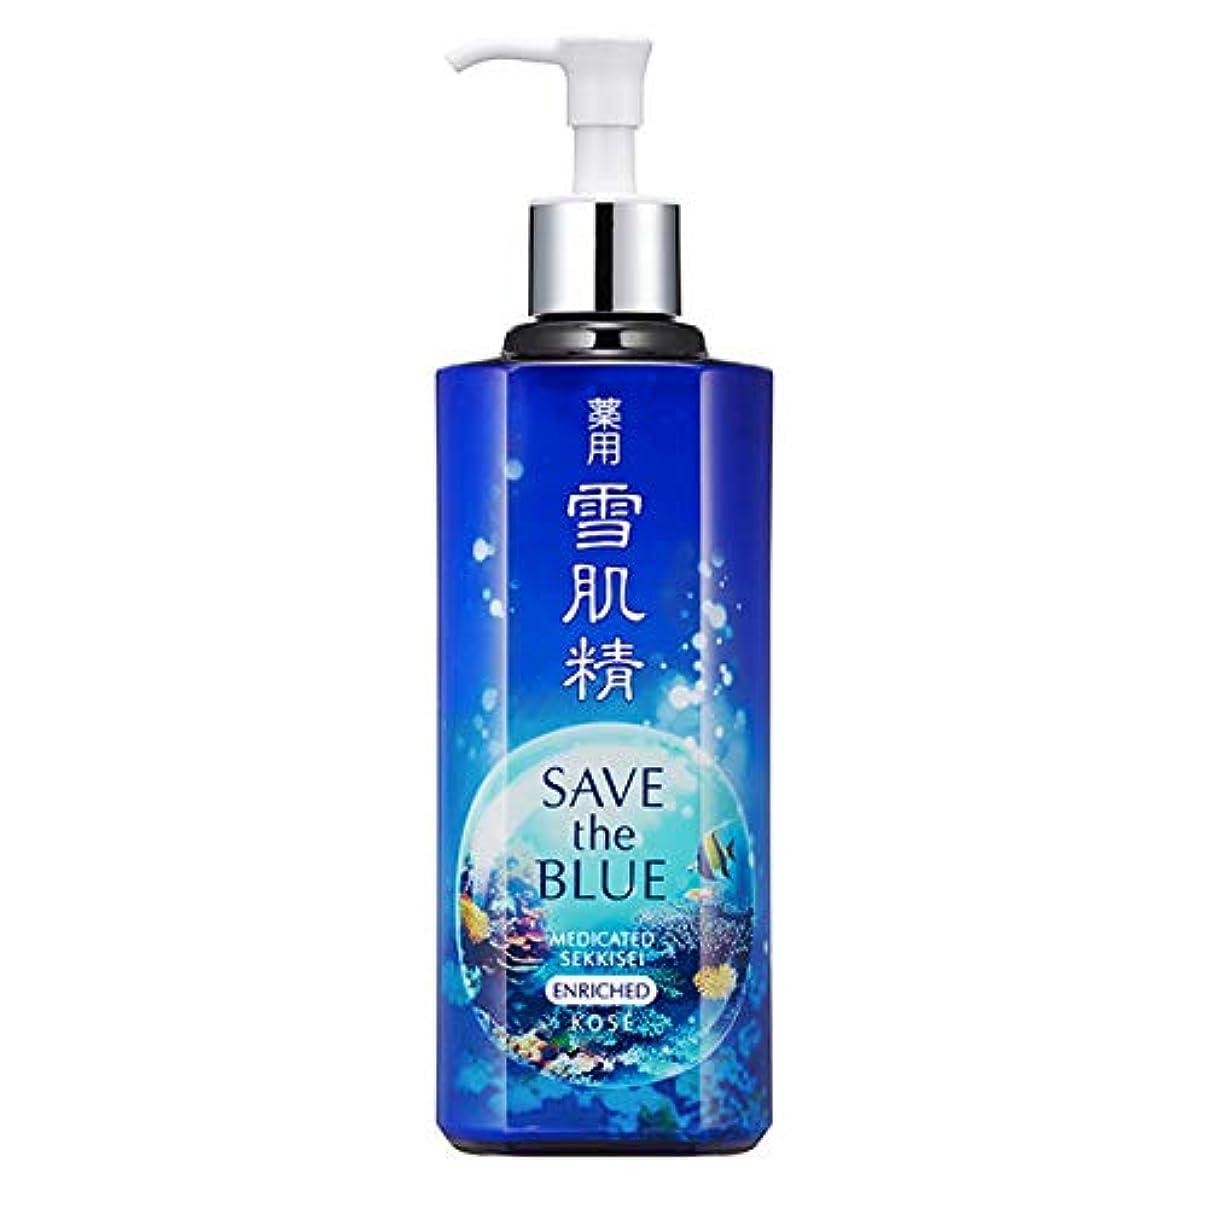 子羊状アセンブリコーセー 雪肌精 エンリッチ 「SAVE the BLUE」デザインボトル(しっとりタイプ) 500ml